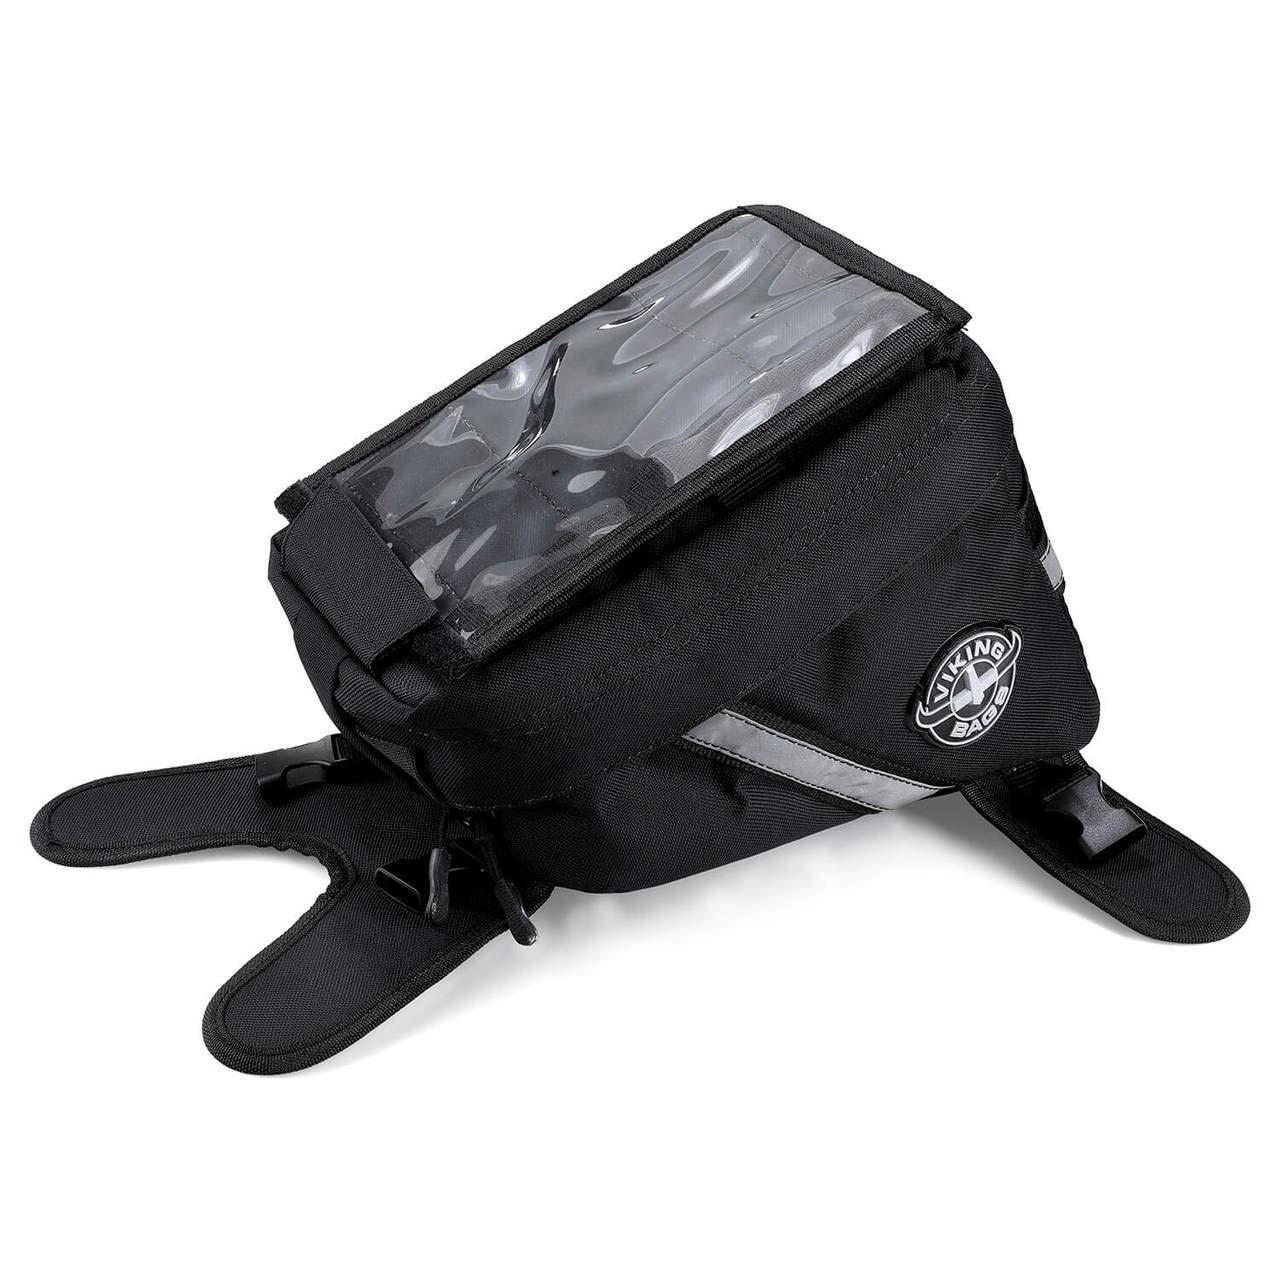 Viking Dirtman Enduro Motorcycle Tank Bag